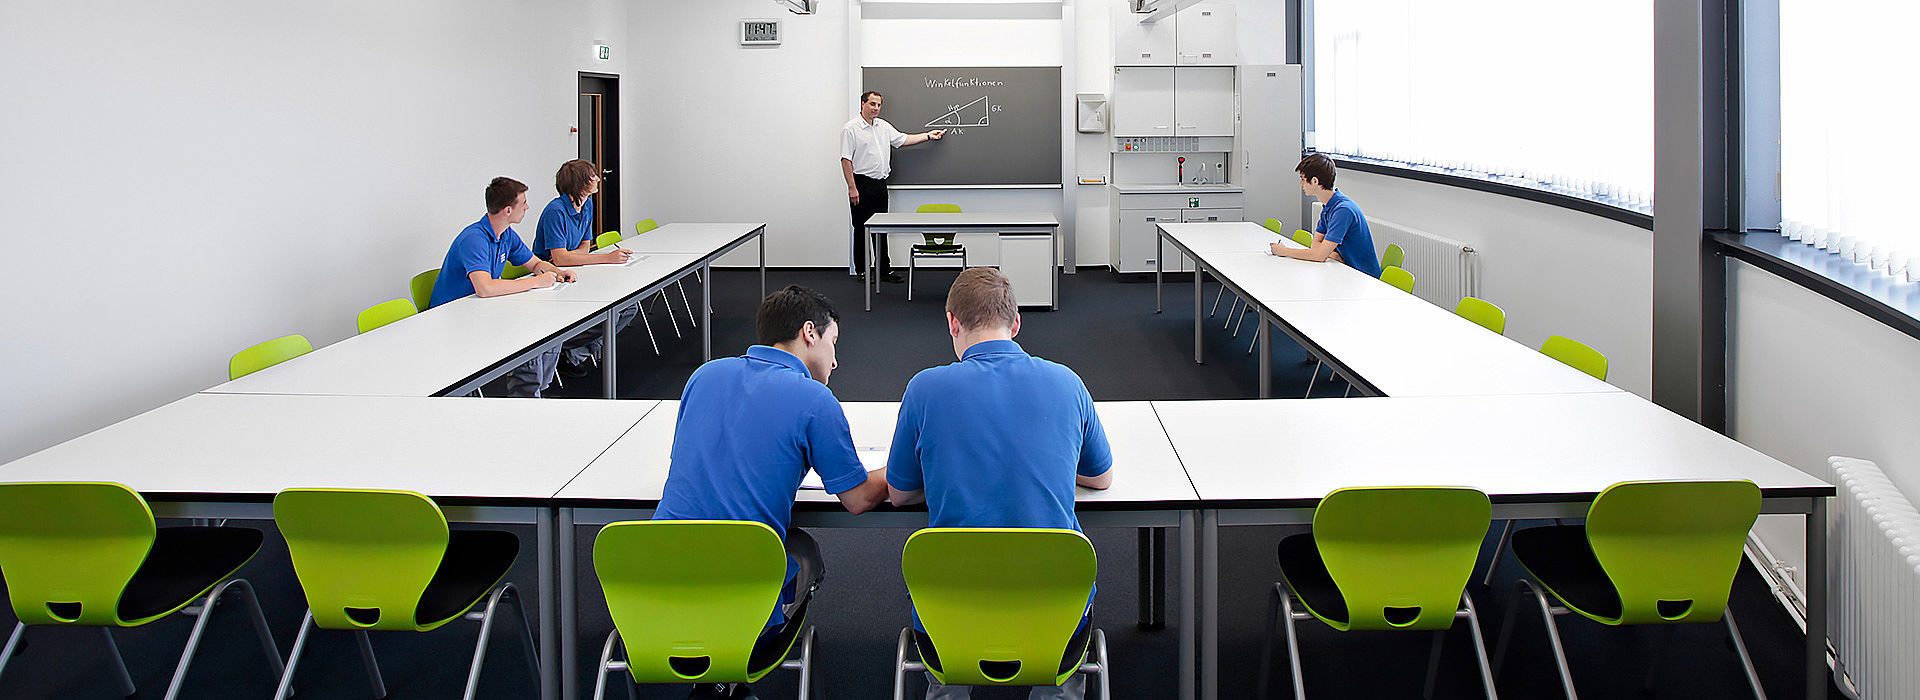 Bild: Schülergruppe lernt mit QUWIS Raumkonzept